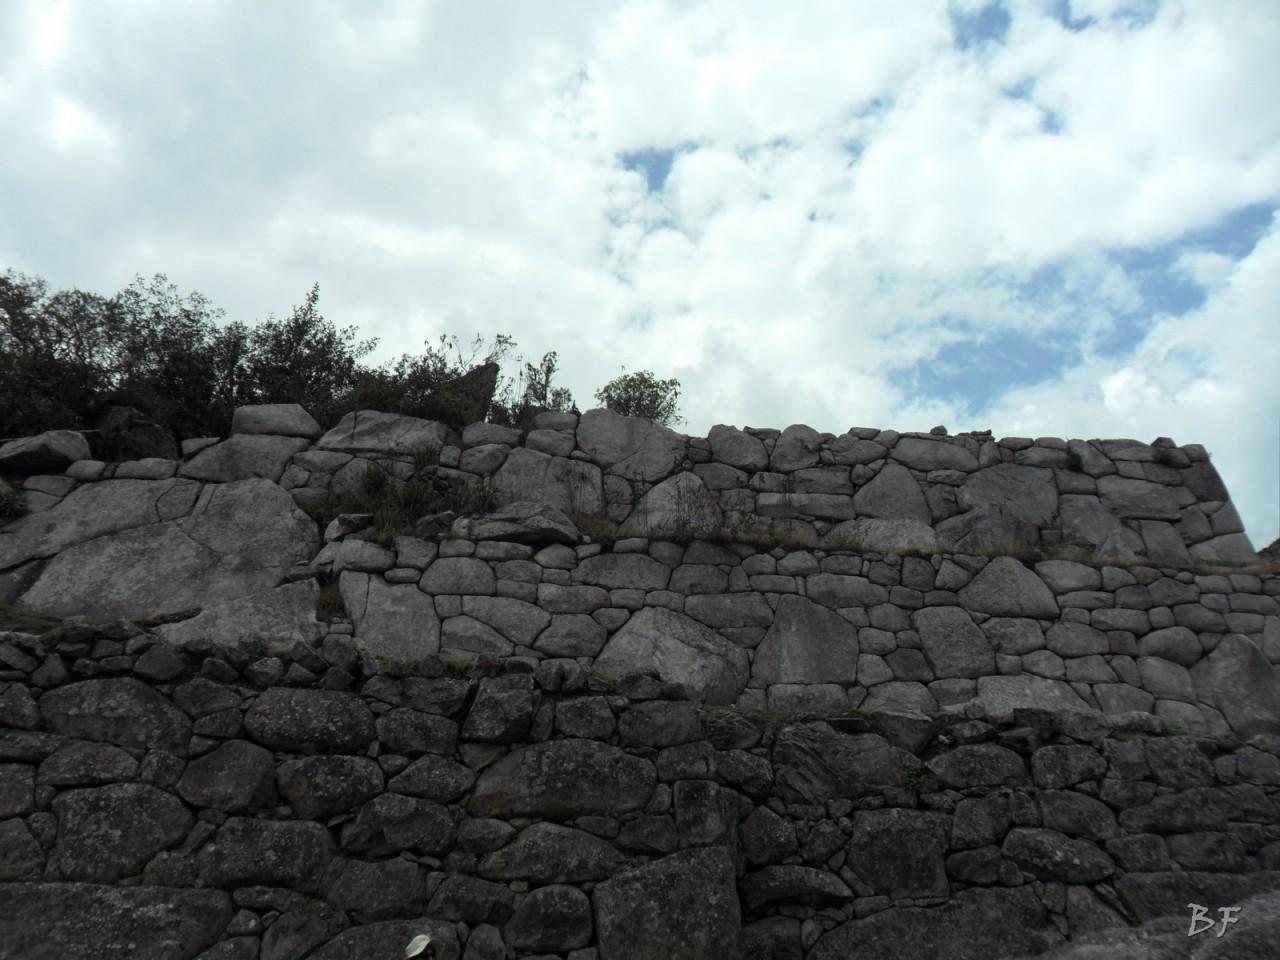 Mura-Poligonali-Incisioni-Altari-Edifici-Rupestri-Megaliti-Machu-Picchu-Aguas-Calientes-Urubamba-Cusco-Perù-125